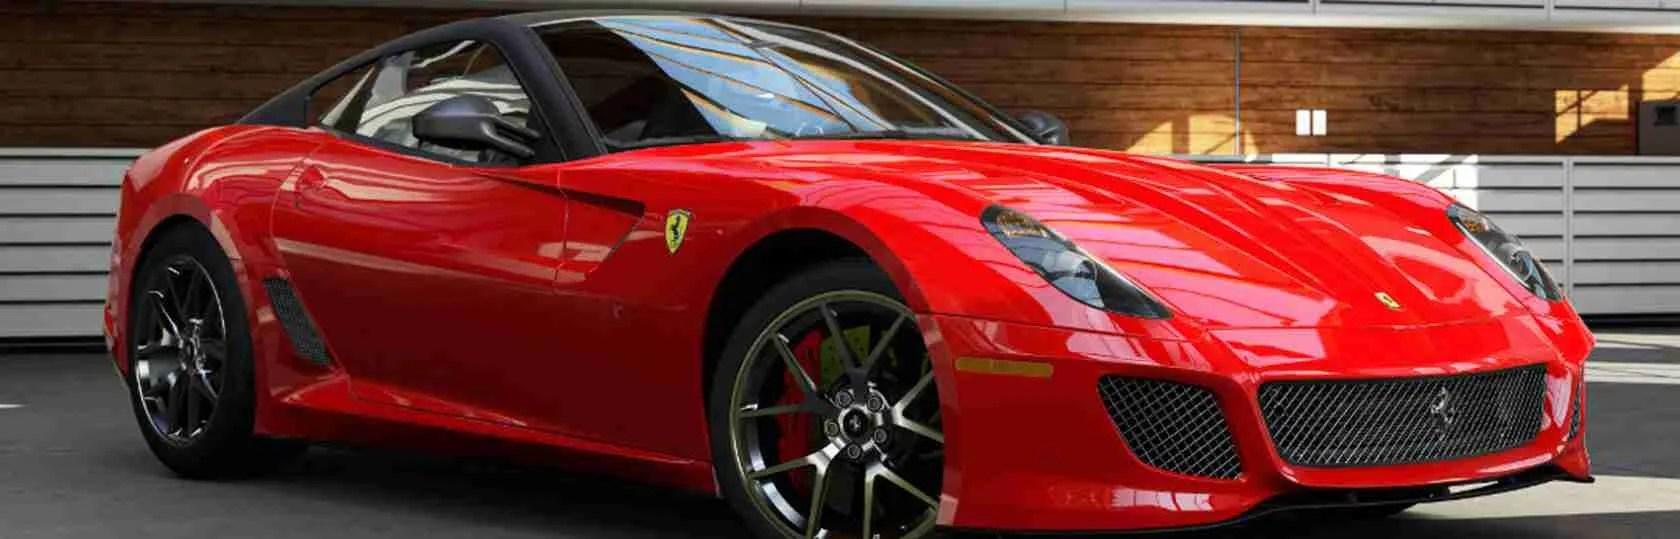 Escort Forte dei Marmi e Ferrari: un connubio perfetto.